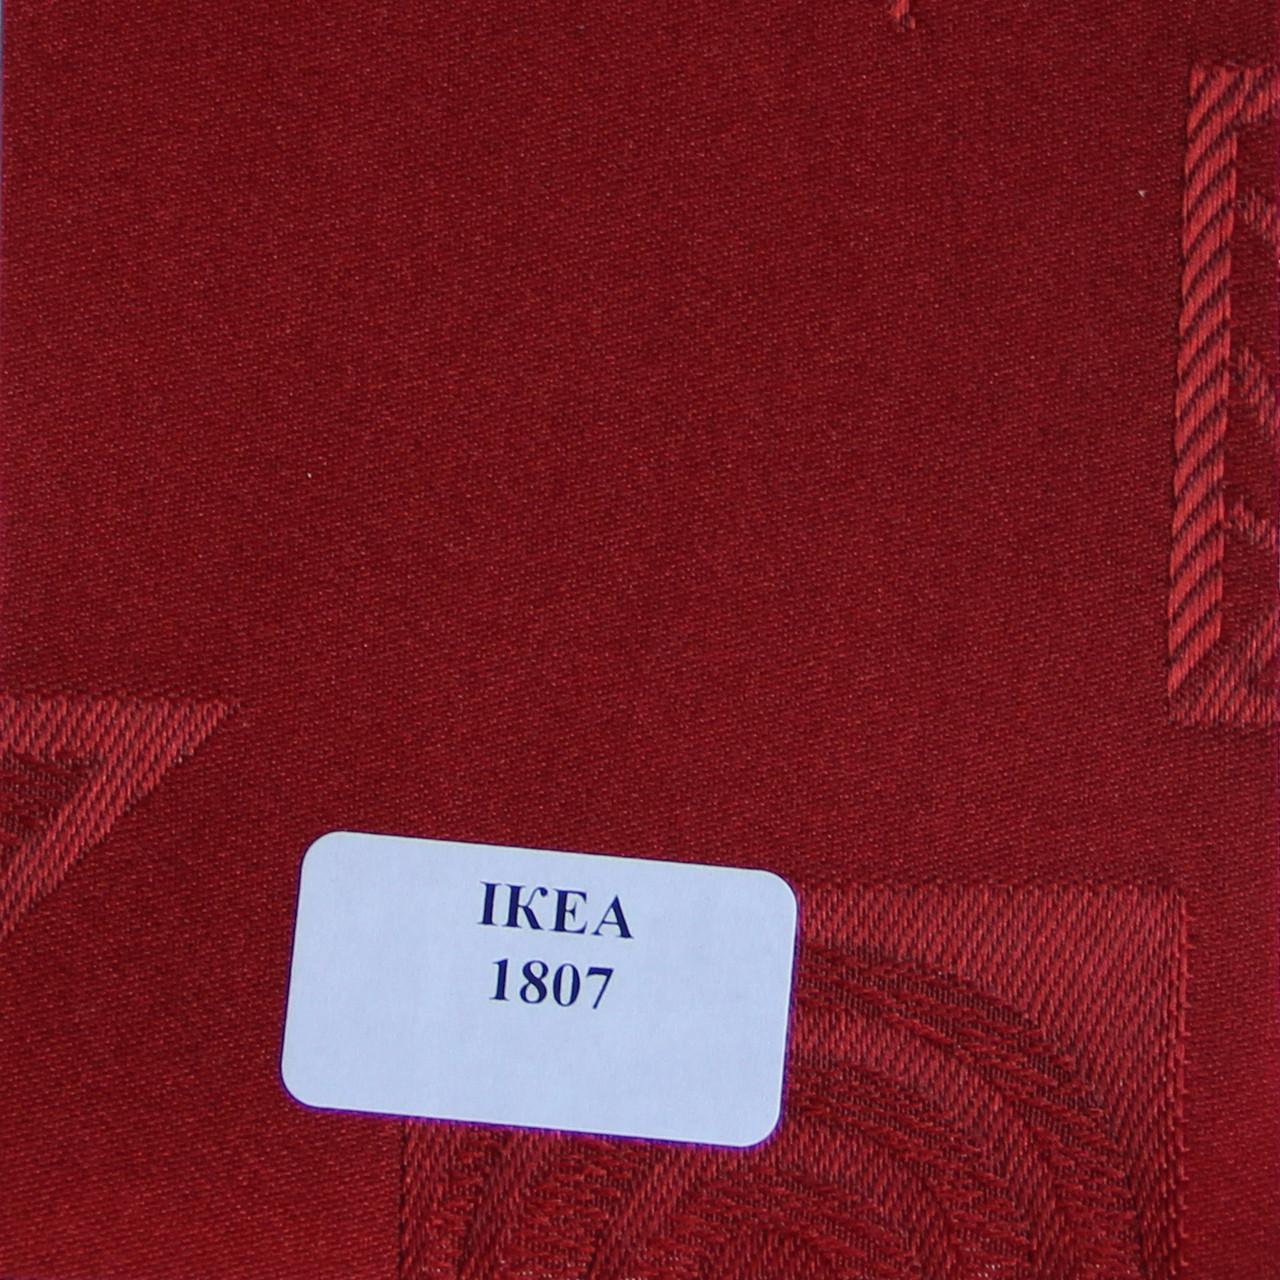 рулонные шторы ткань икеа 1807 бордо цена 750 купить в одессе